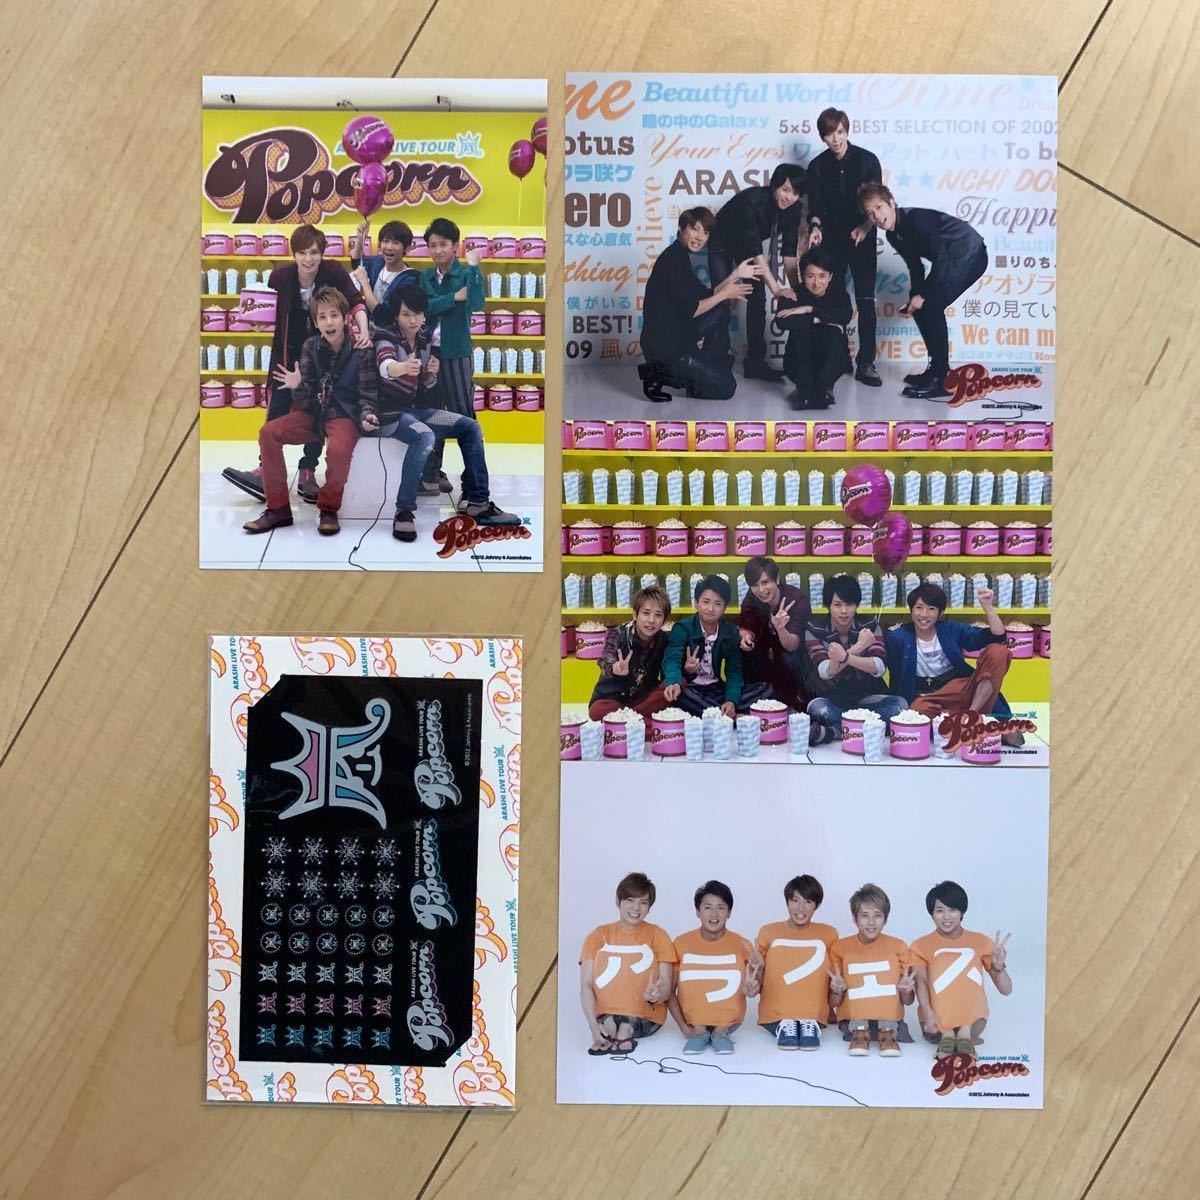 嵐 公式写真&シール Popcorn 大野智 櫻井翔 相葉雅紀 二宮和也 松本潤